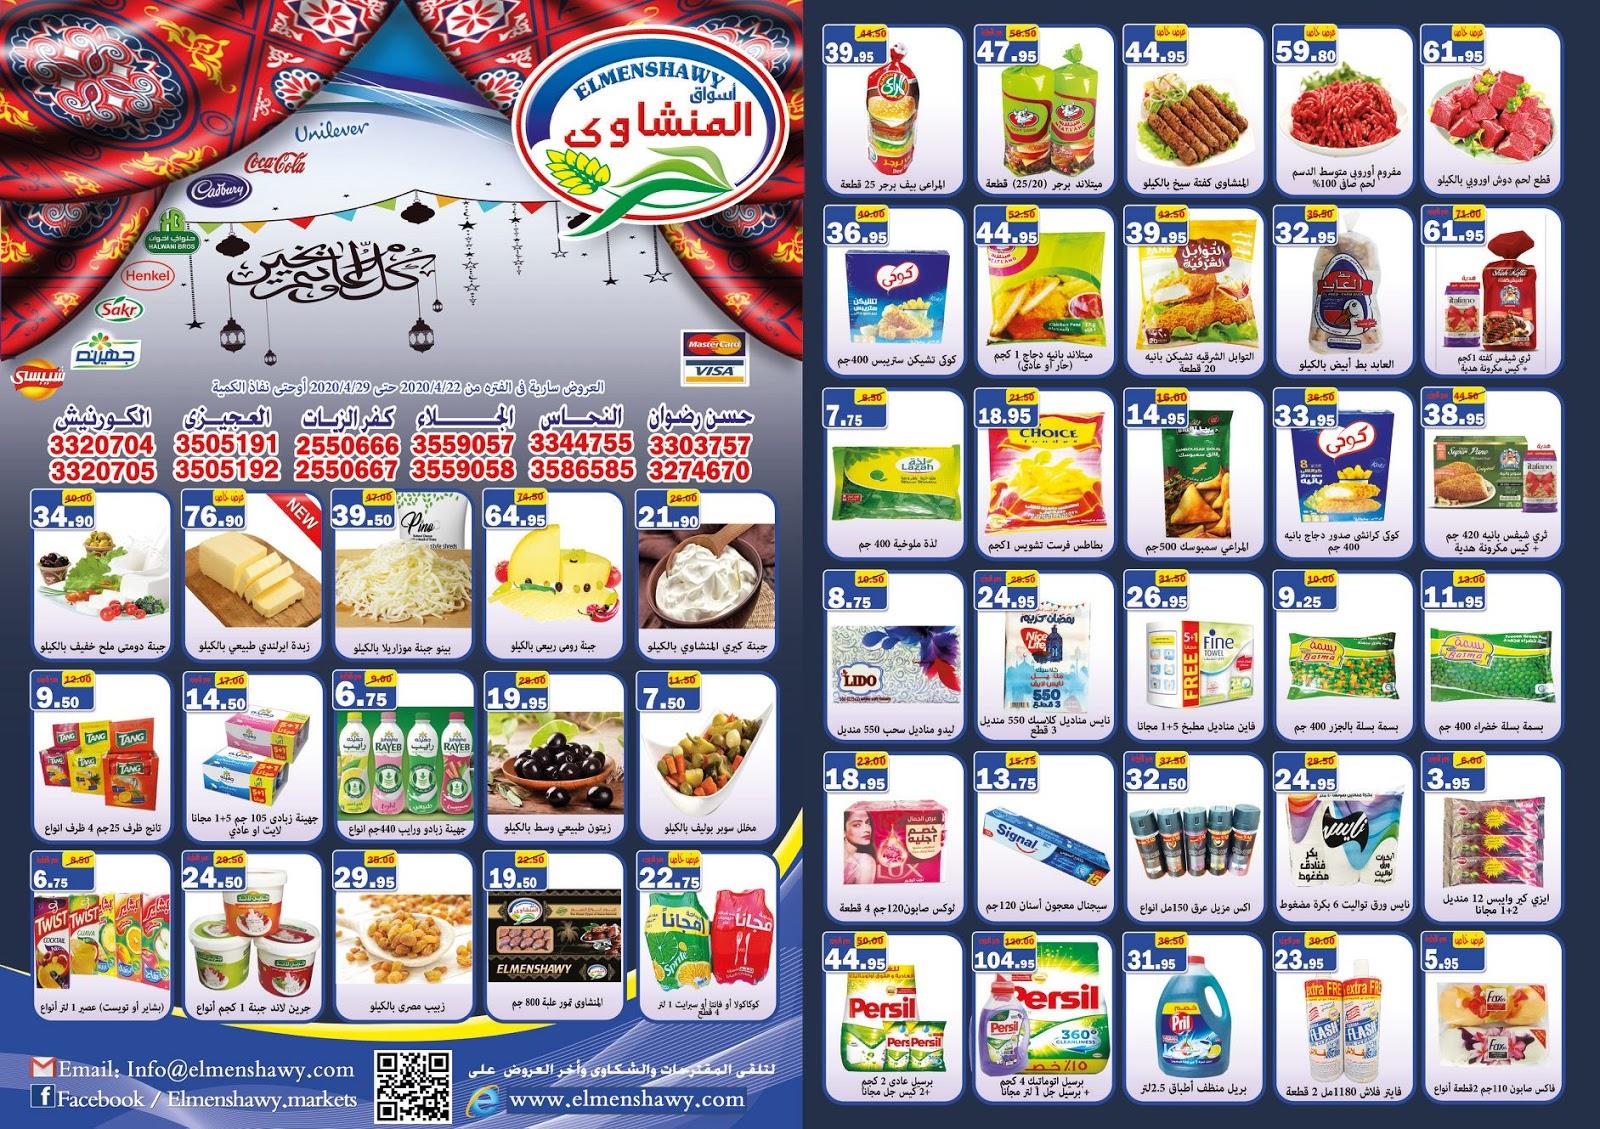 عروض اسواق المنشاوى طنطا من 22 ابريل حتى 29 ابريل 2020 رمضان كريم